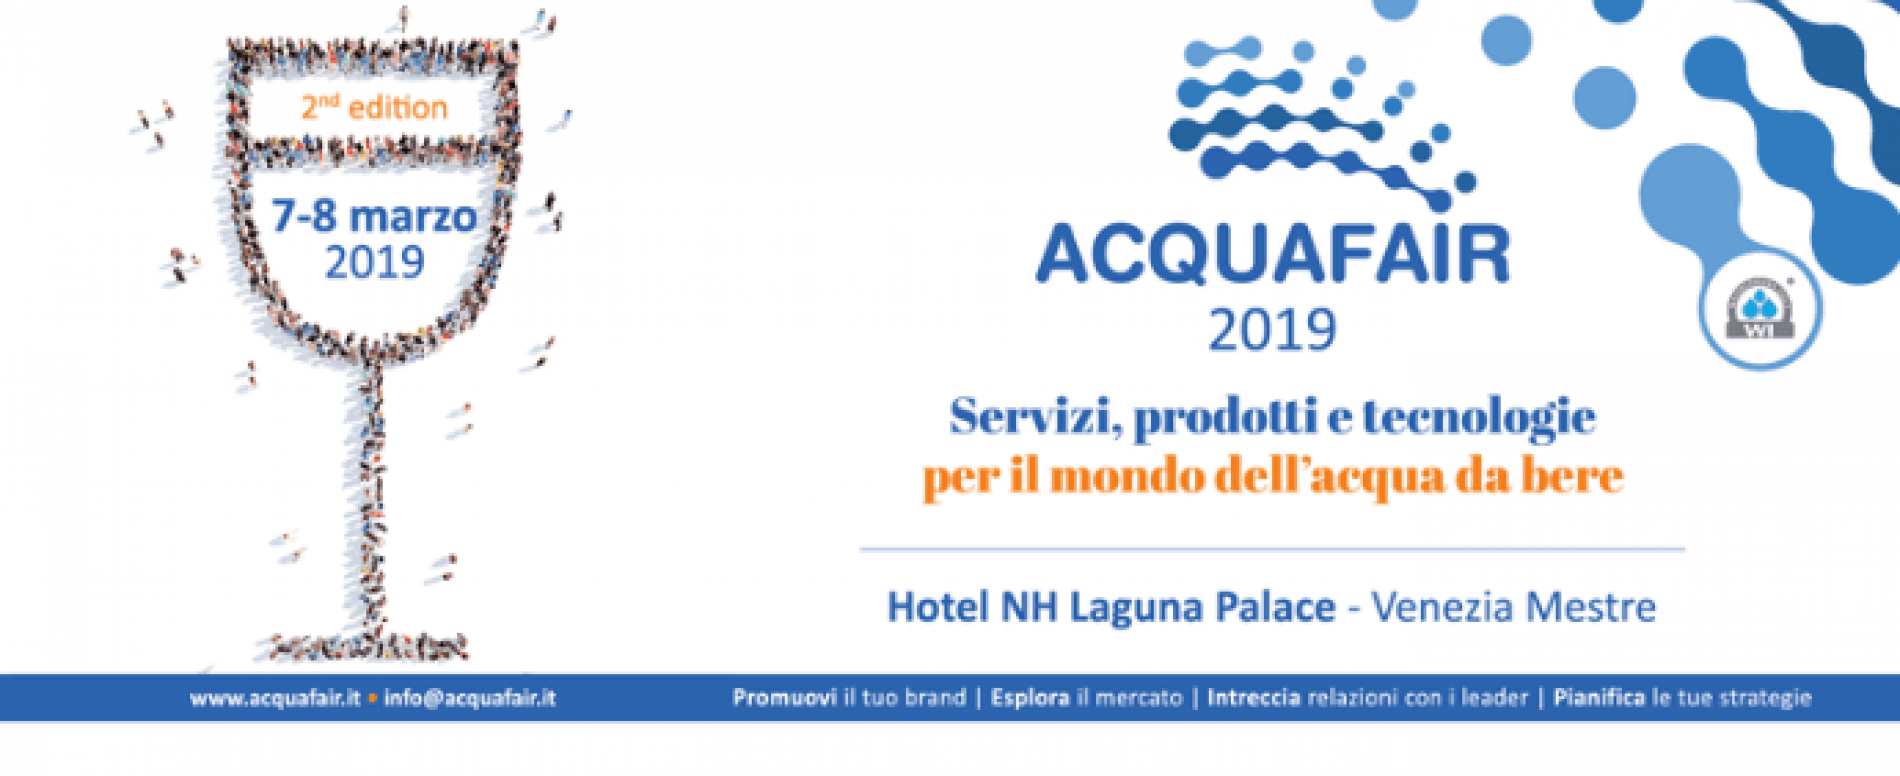 Grande successo per la seconda edizione di Acquafair